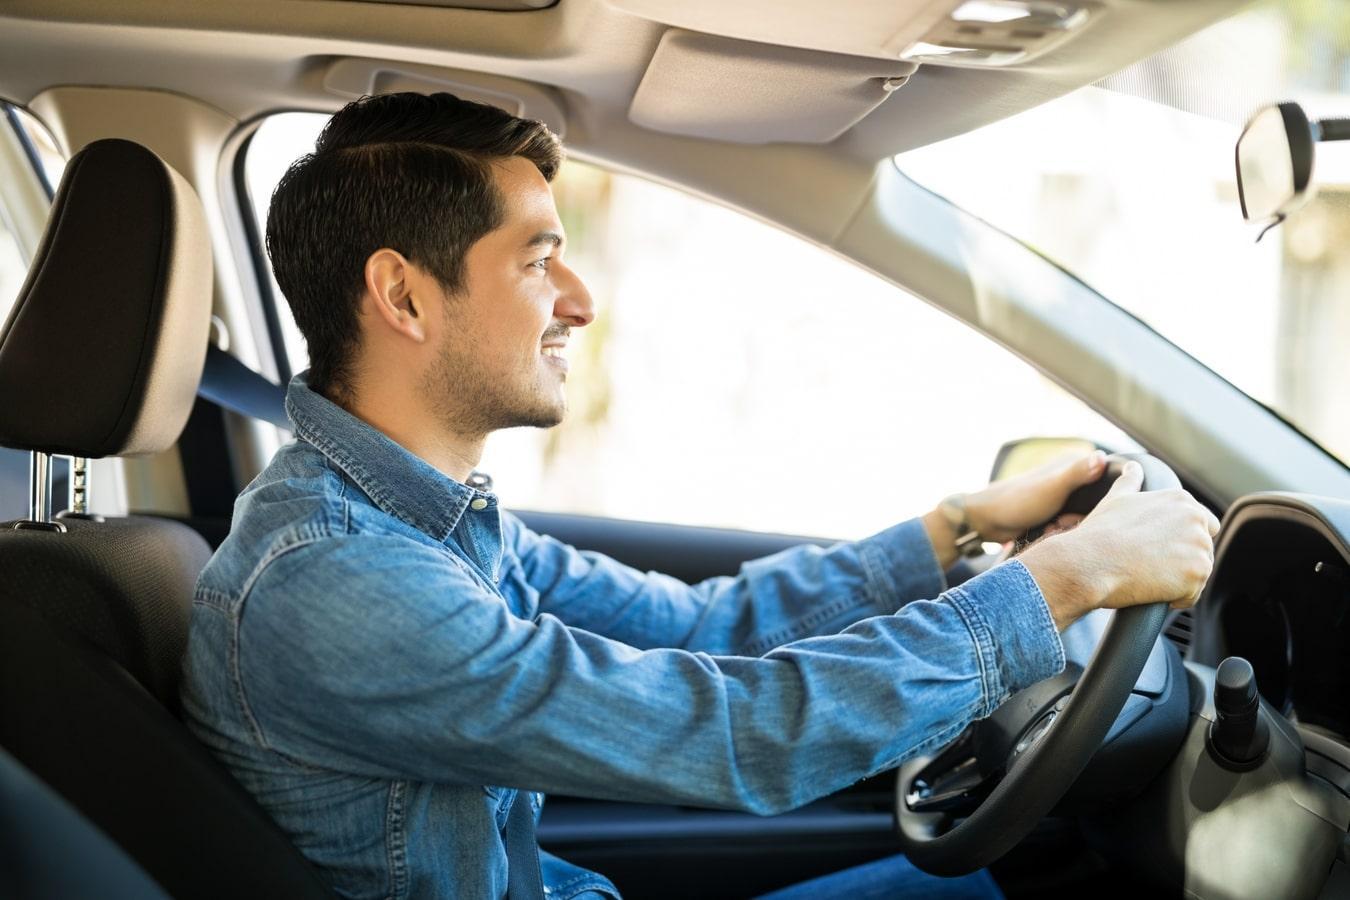 jovem dirigindo carro